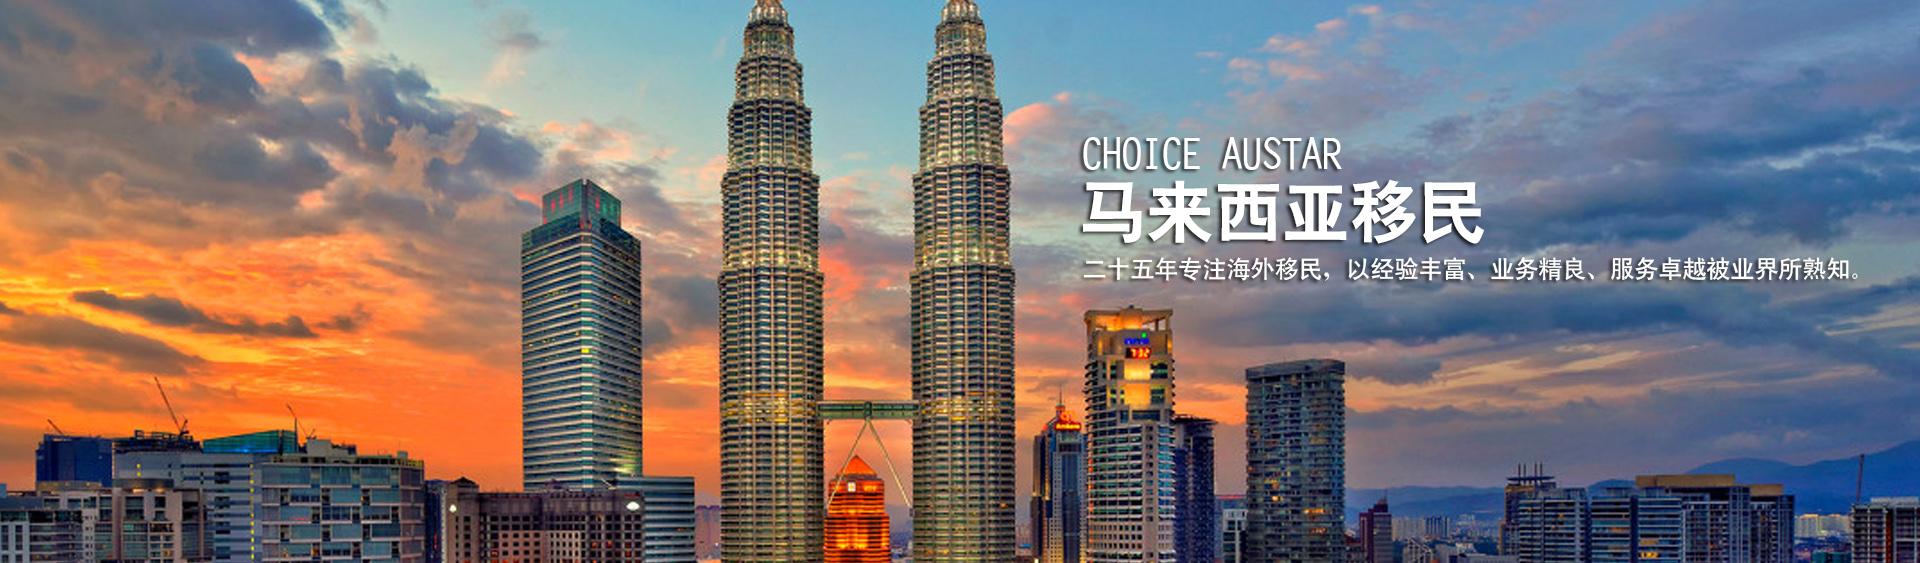 位于马来半岛的西马来西亚,北接泰国,南部隔着柔佛海峡,以新柔长堤和